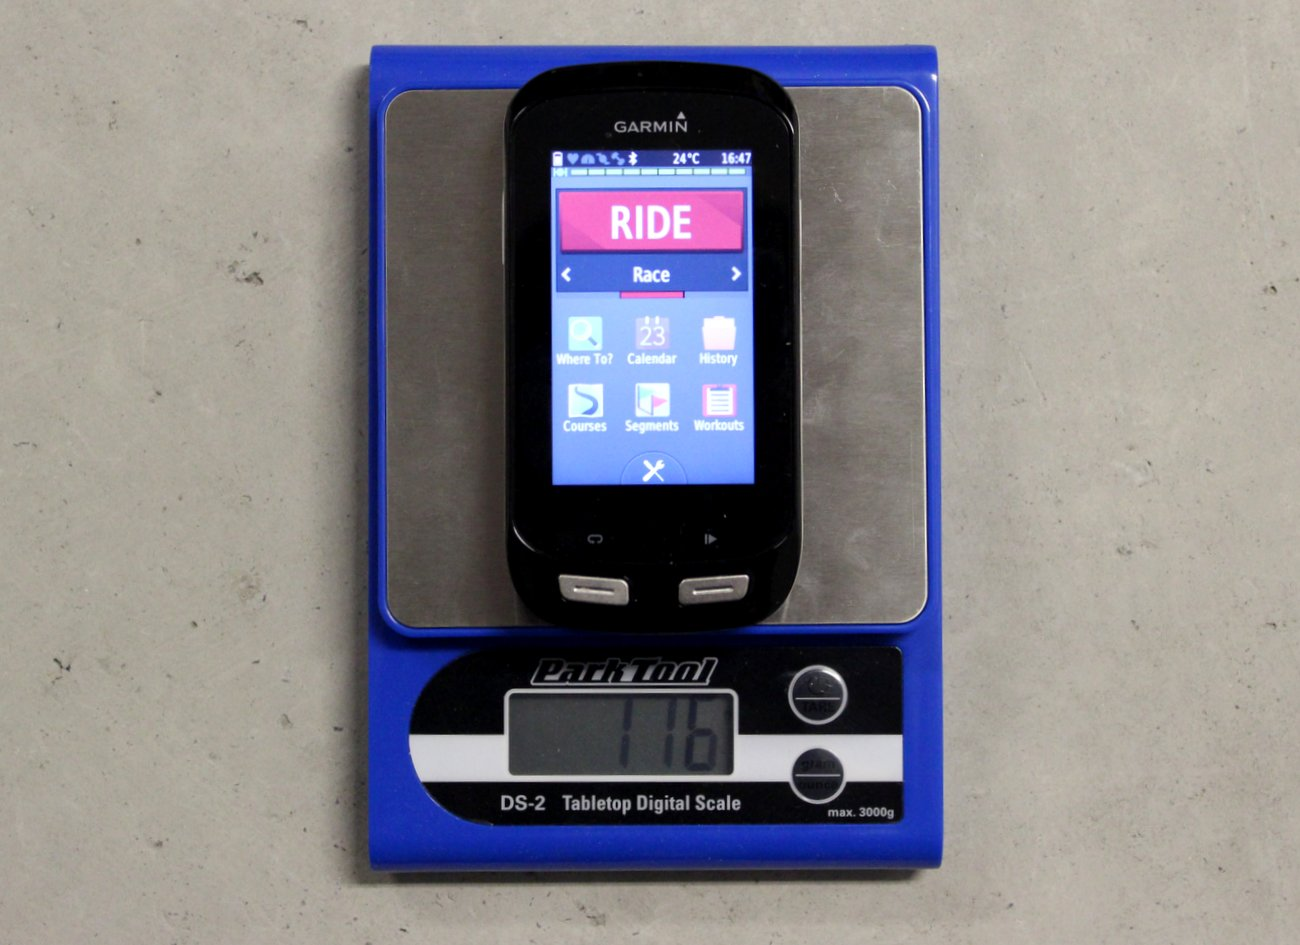 Der Edge 1000 ist mit 116g zwar das schwerste Gerät von Garmin, aber trotzdem im Vergleich mit der Konkurrenz noch vertretbar.